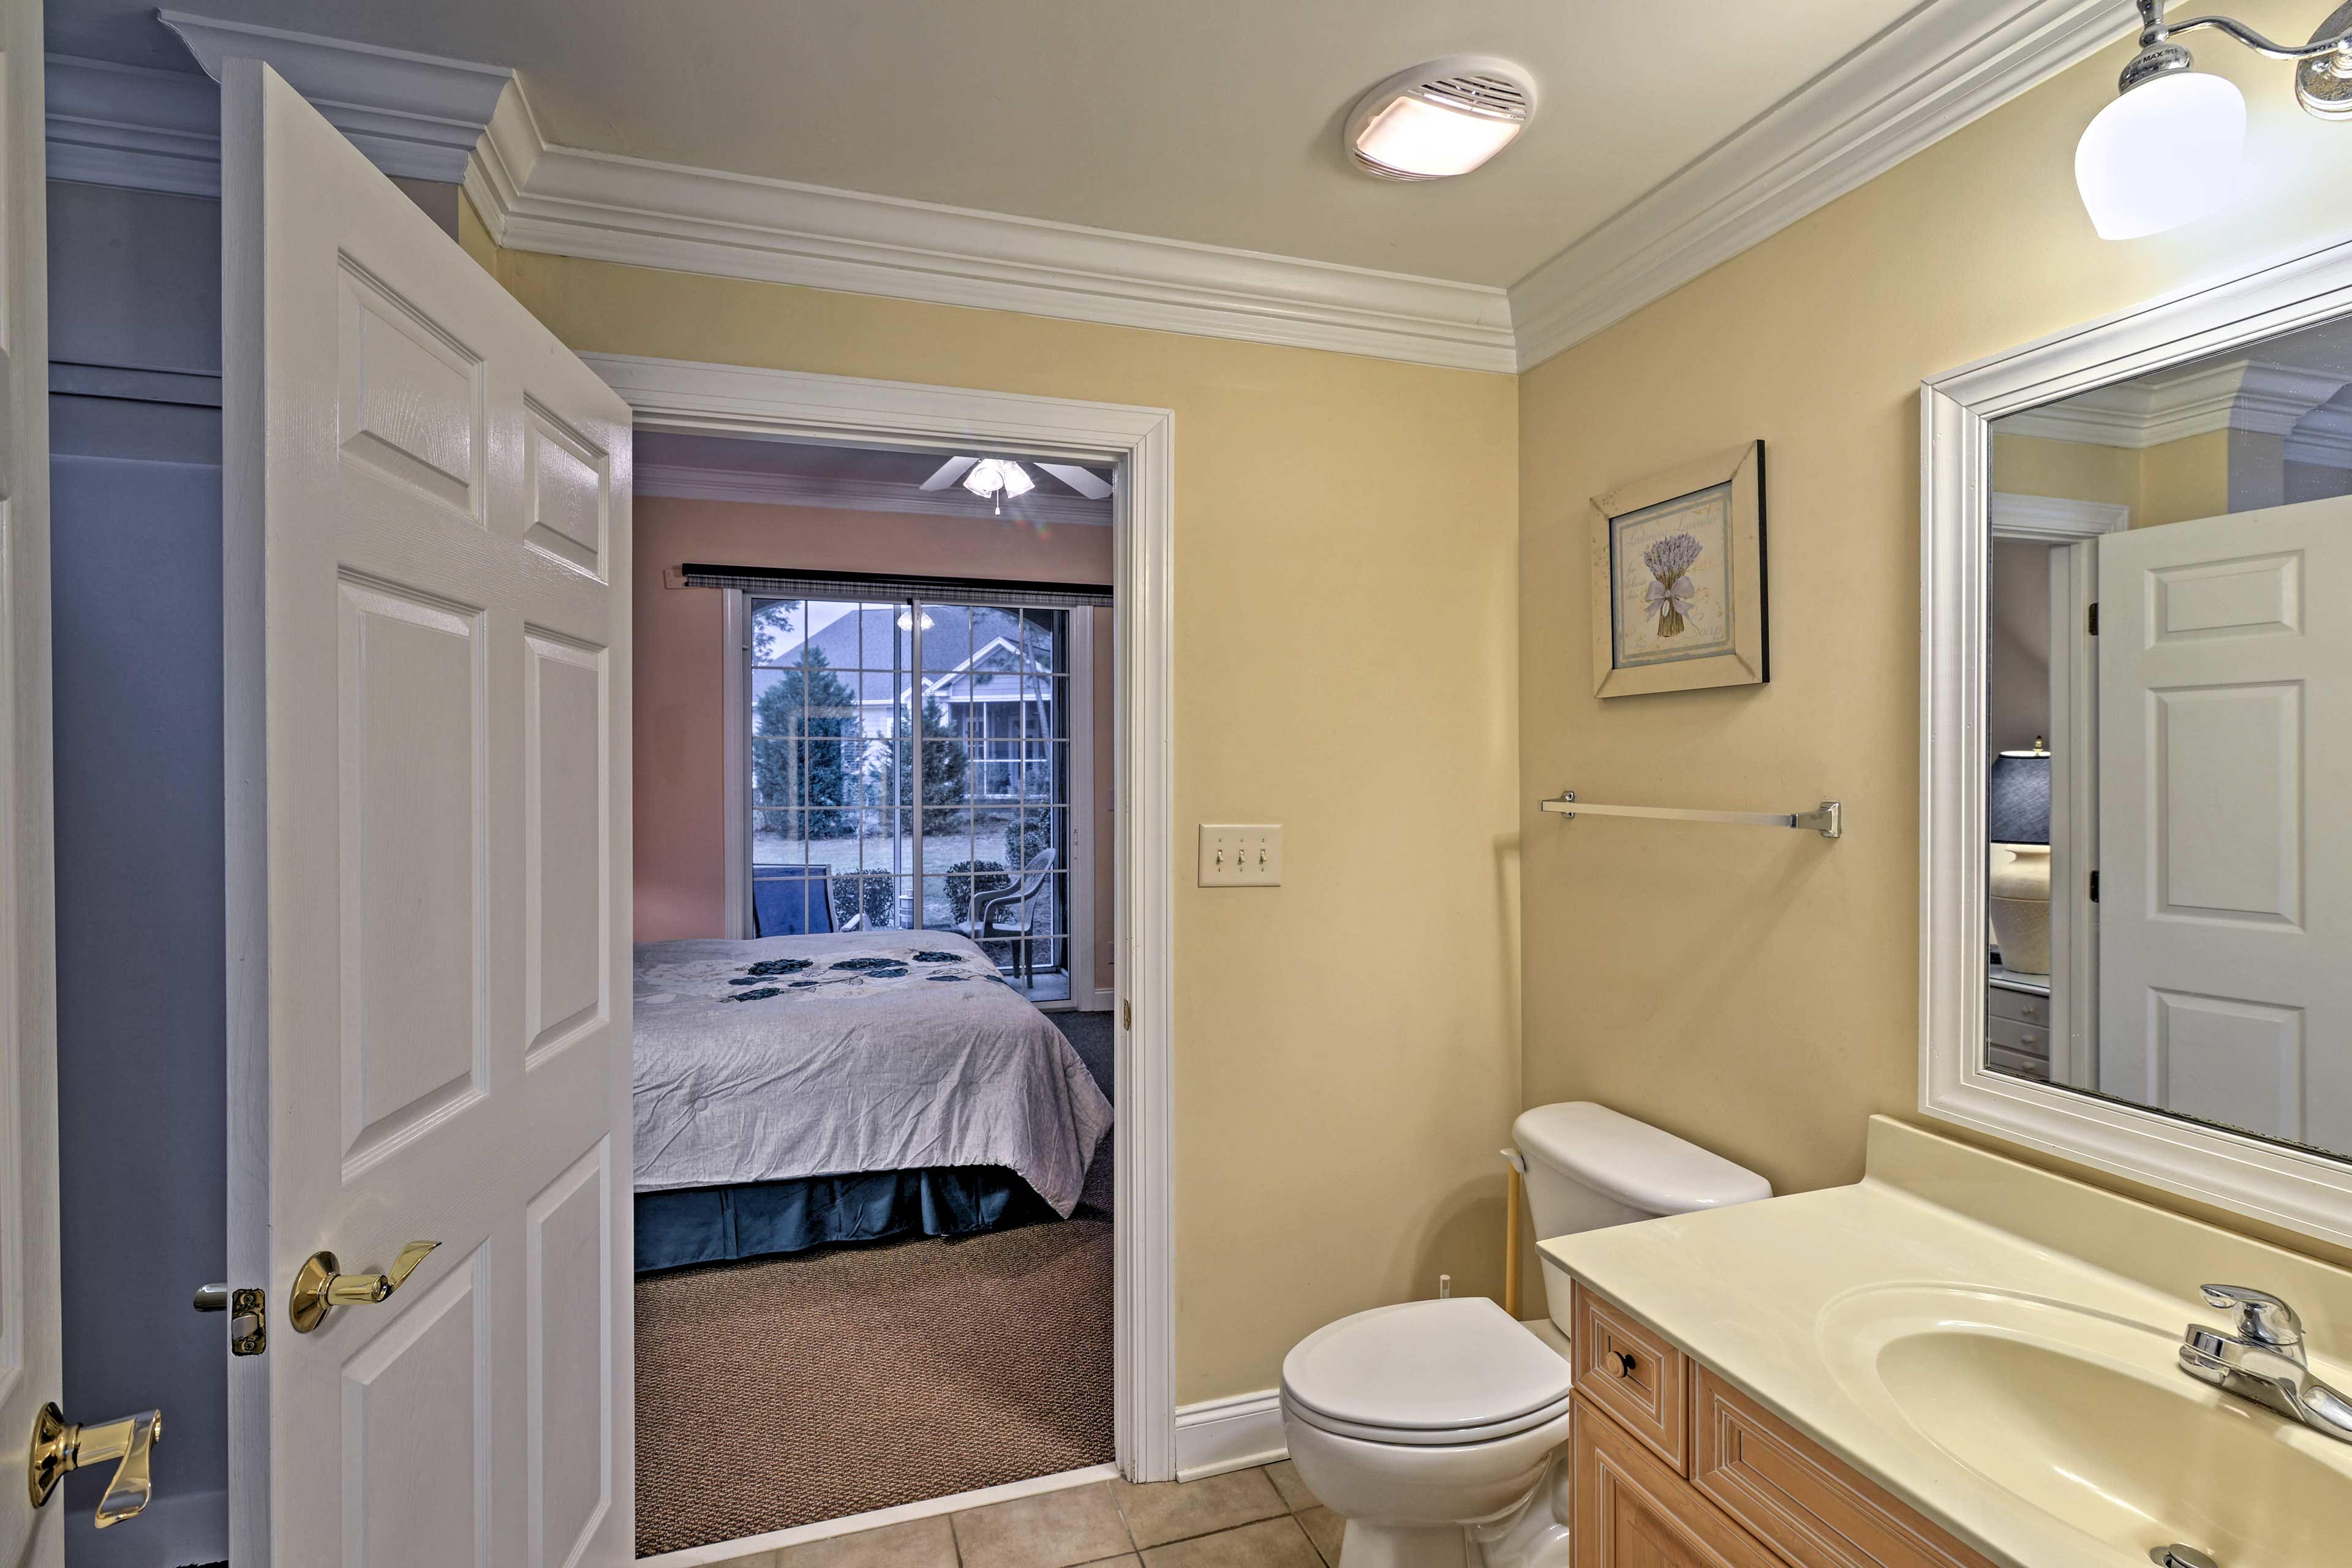 Rinse off in the master en-suite bathroom.